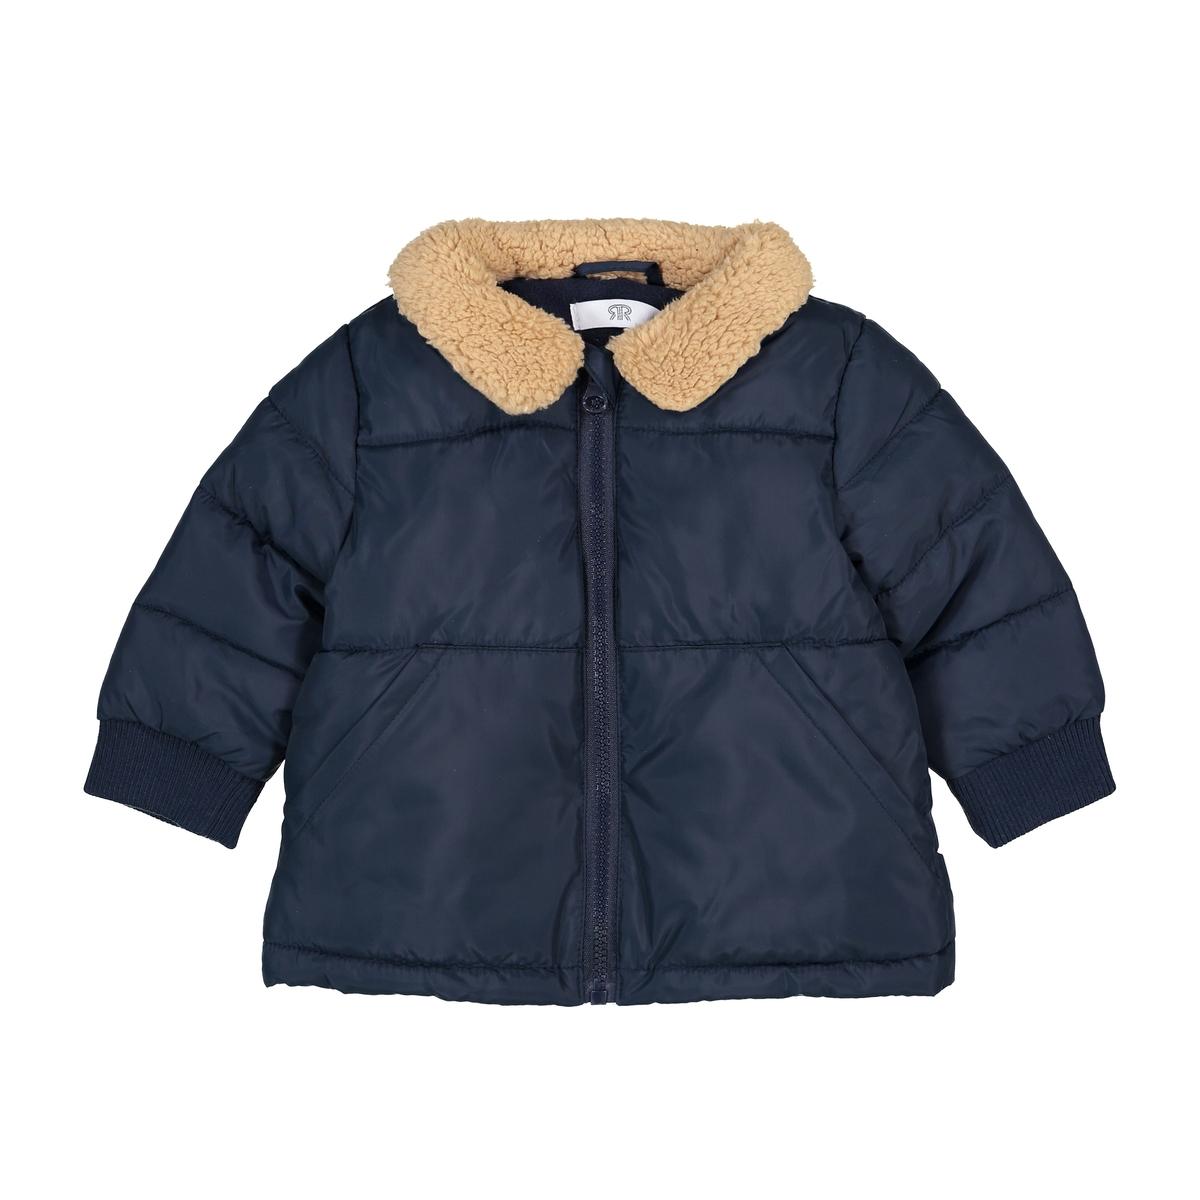 Куртка стеганая с воротником из искусственного меха, 3 мес. - 3 года жакет из велюра на подкладке из искусственного меха